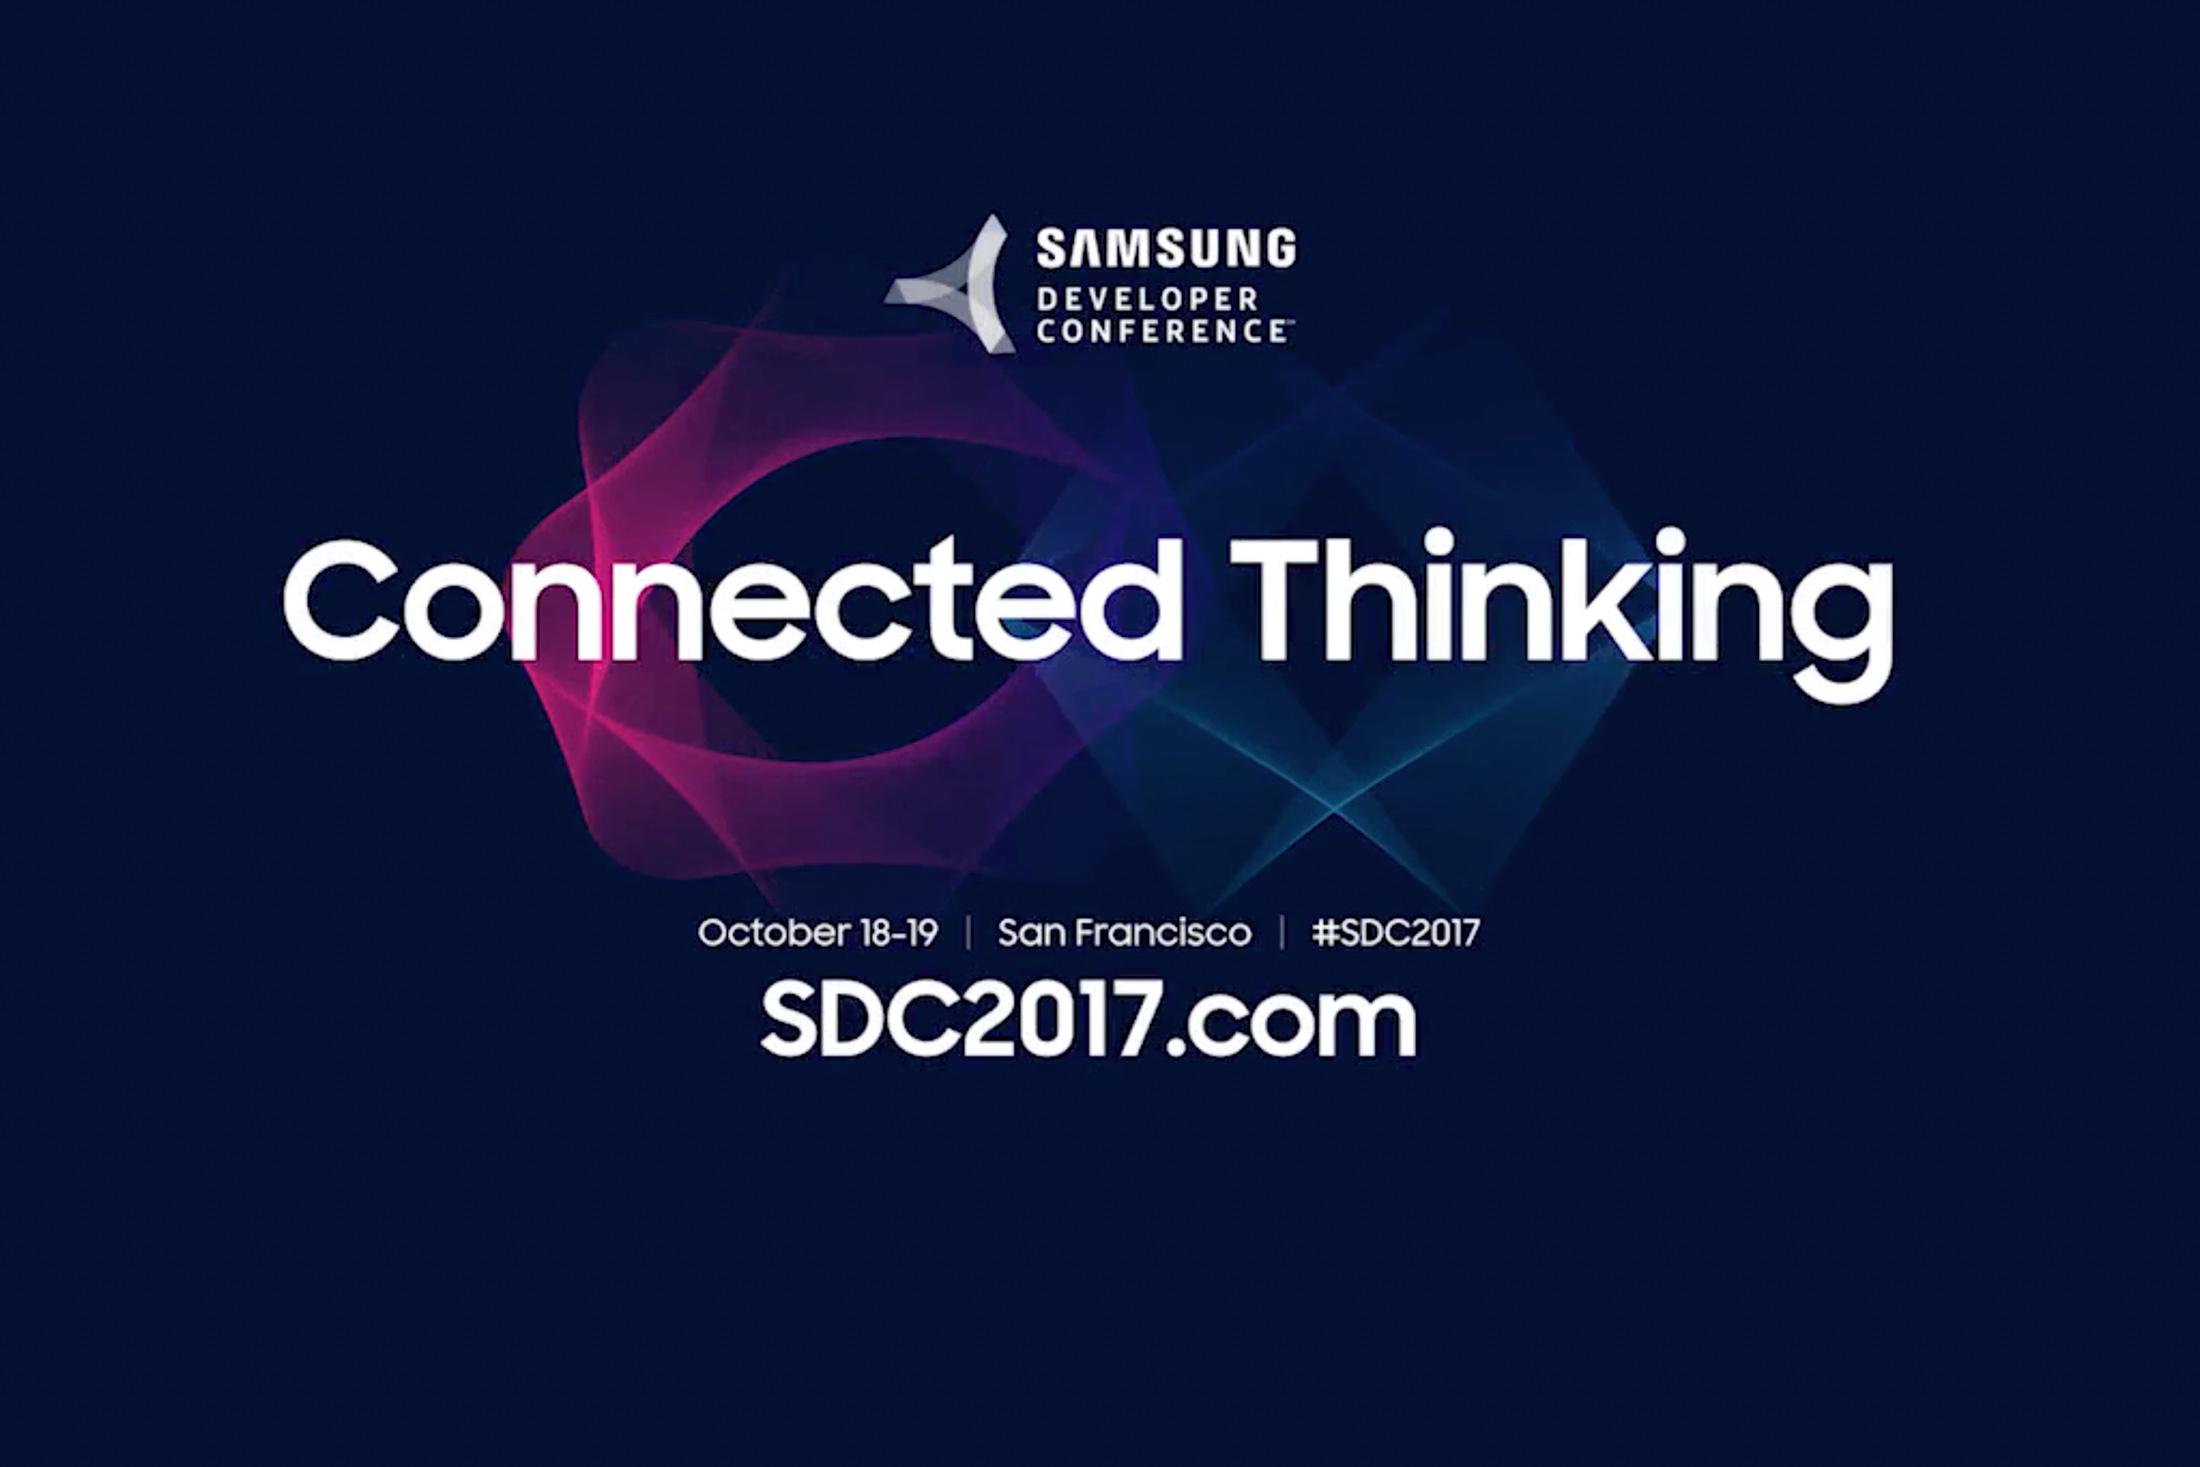 Samsung Developer Conference